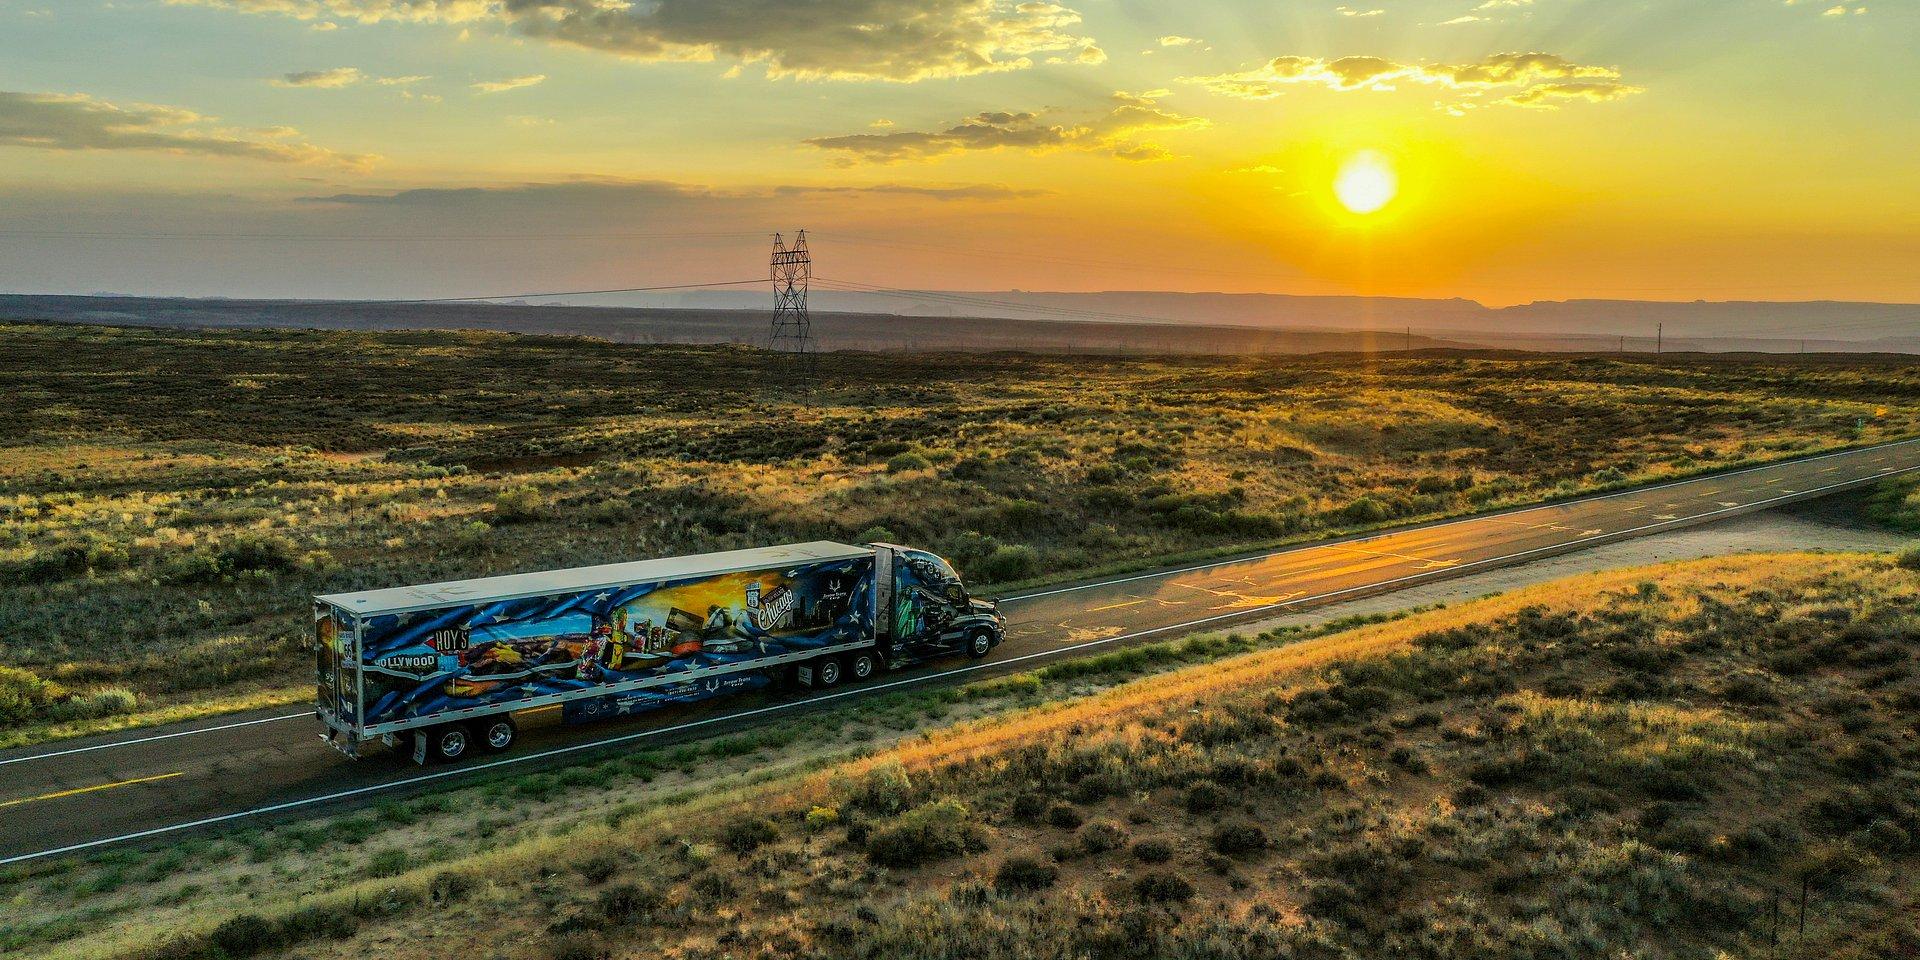 Dawid Andres przemierza USA z wschodu na zachód jadąc legendarną Route 66. Nowy program w Discovery Channel od 26 listopada!